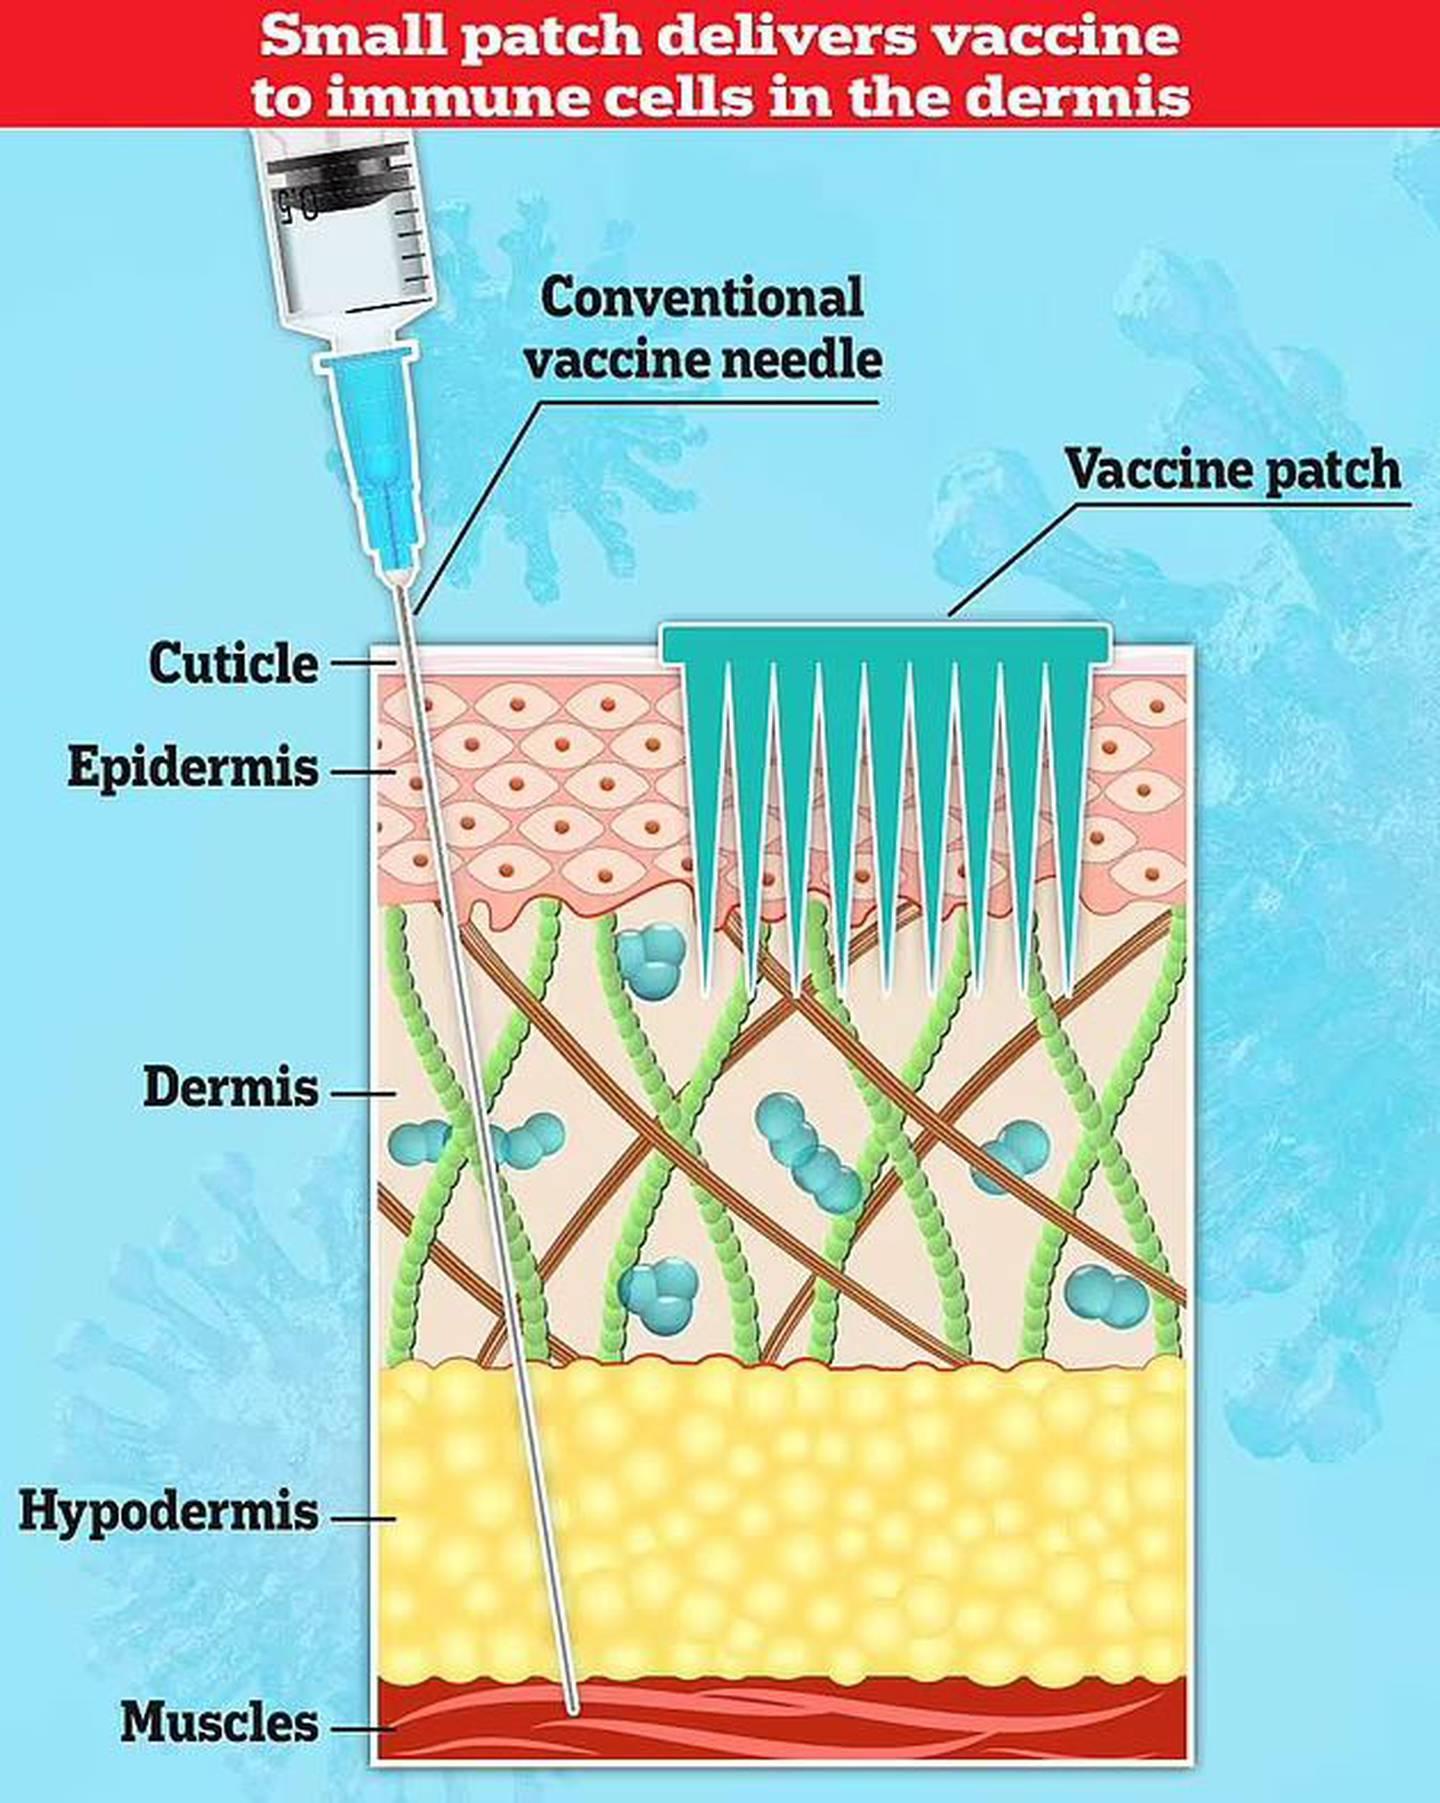 Más allá de la hipodermis se encuentra la grasa y el músculo que suele atravesar una aguja de vacuna tradicional.